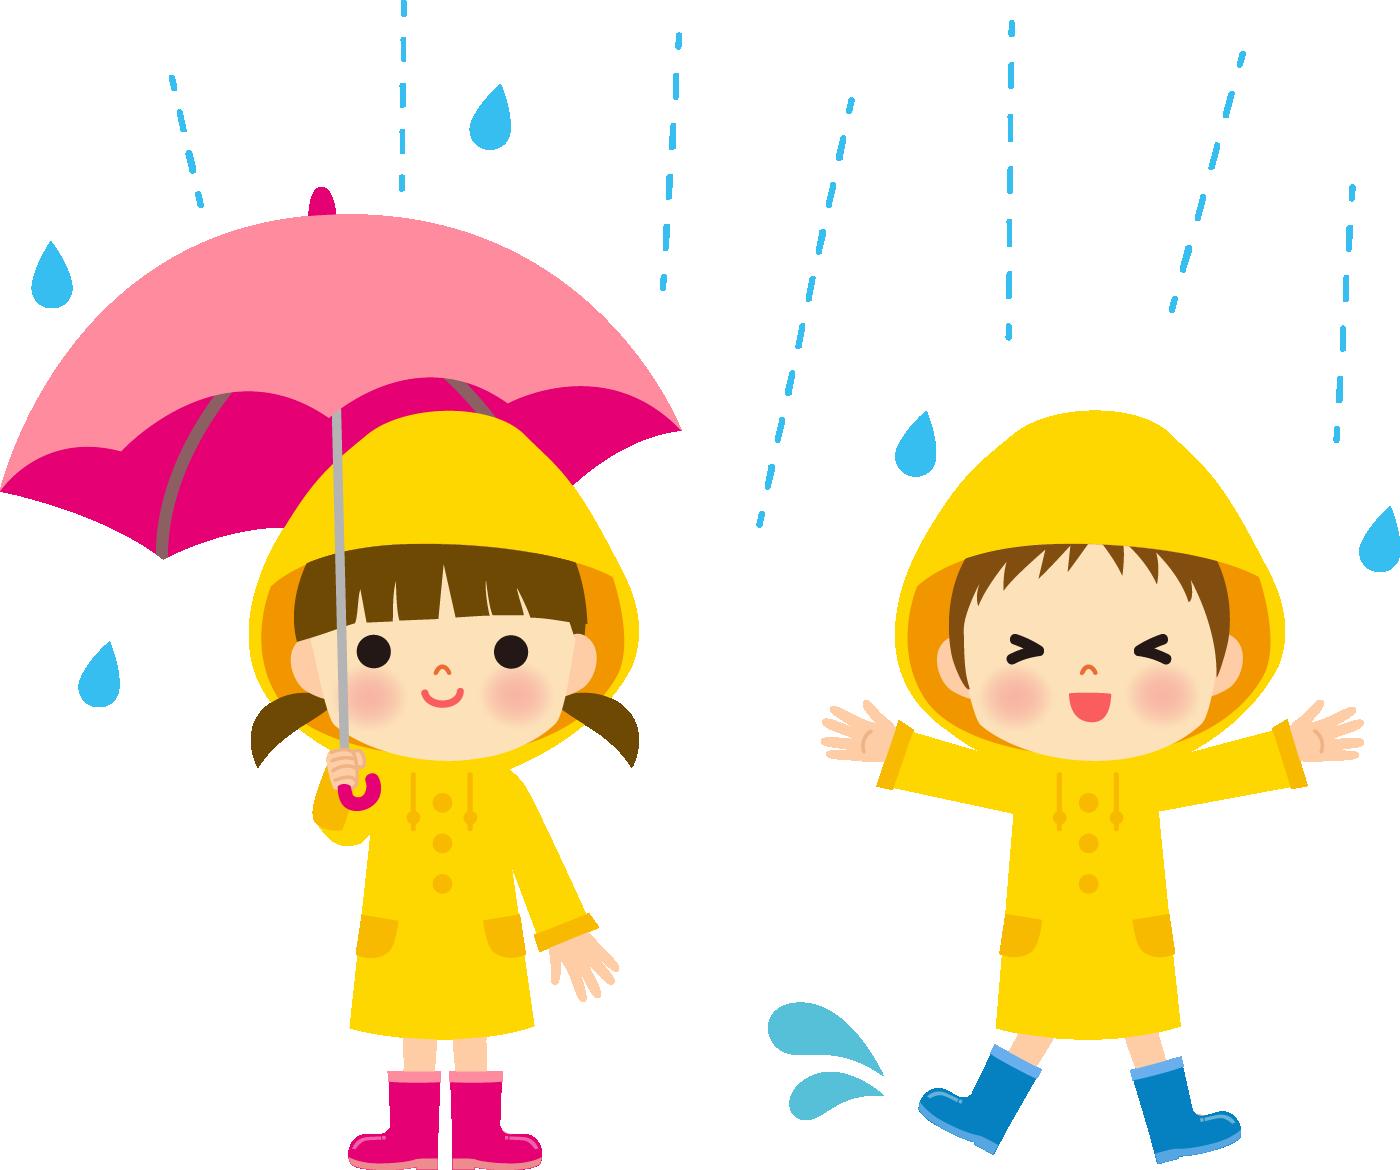 雨の日の子供のイラスト